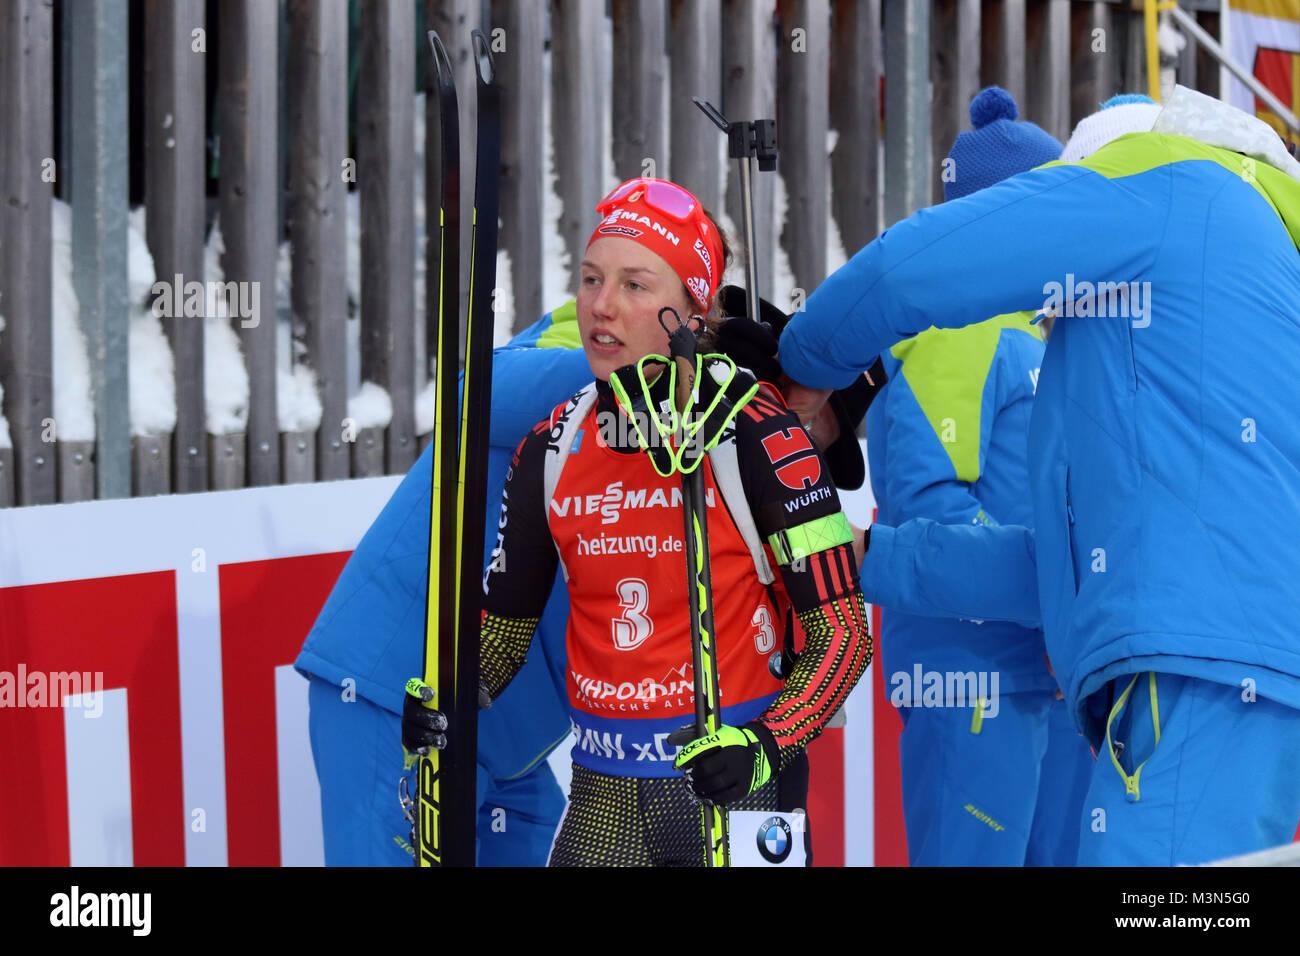 Laura Dahlmeier (SC Partenkirchen) bei der Gewehrkontrolle - Weltcup Ruhpolding 2017 - Verfolgung Frauen Stockbild